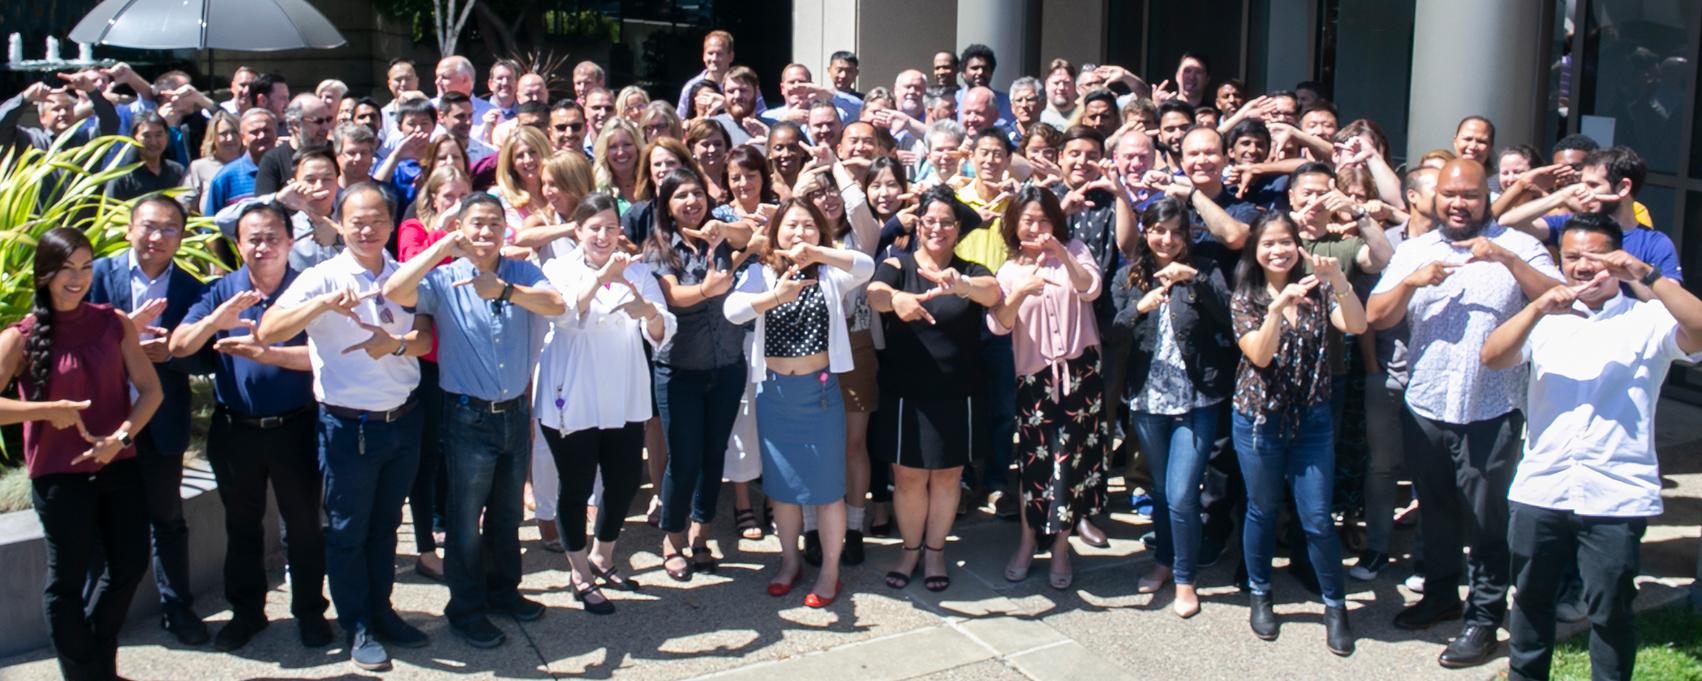 zSpace Company Photo